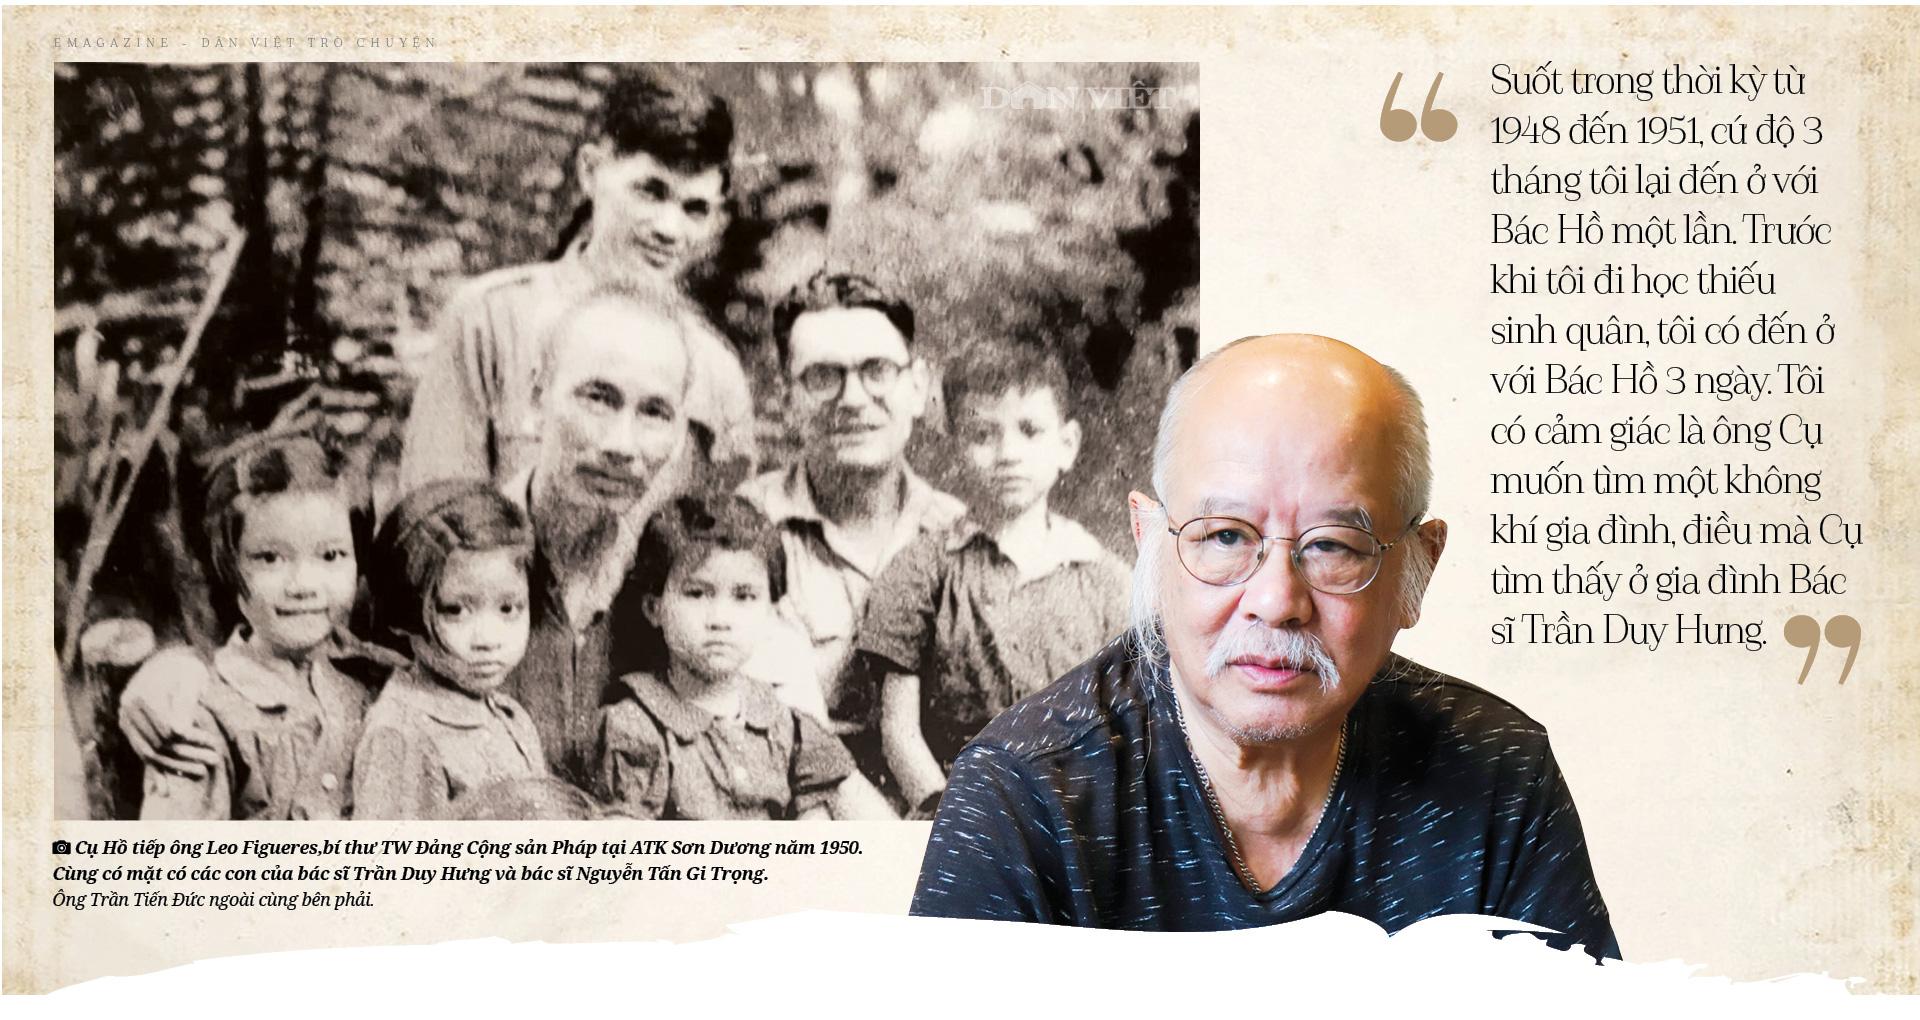 Bác sĩ Trần Duy Hưng – thị trưởng Hà Nội đầu tiên và lâu năm nhất - Ảnh 8.